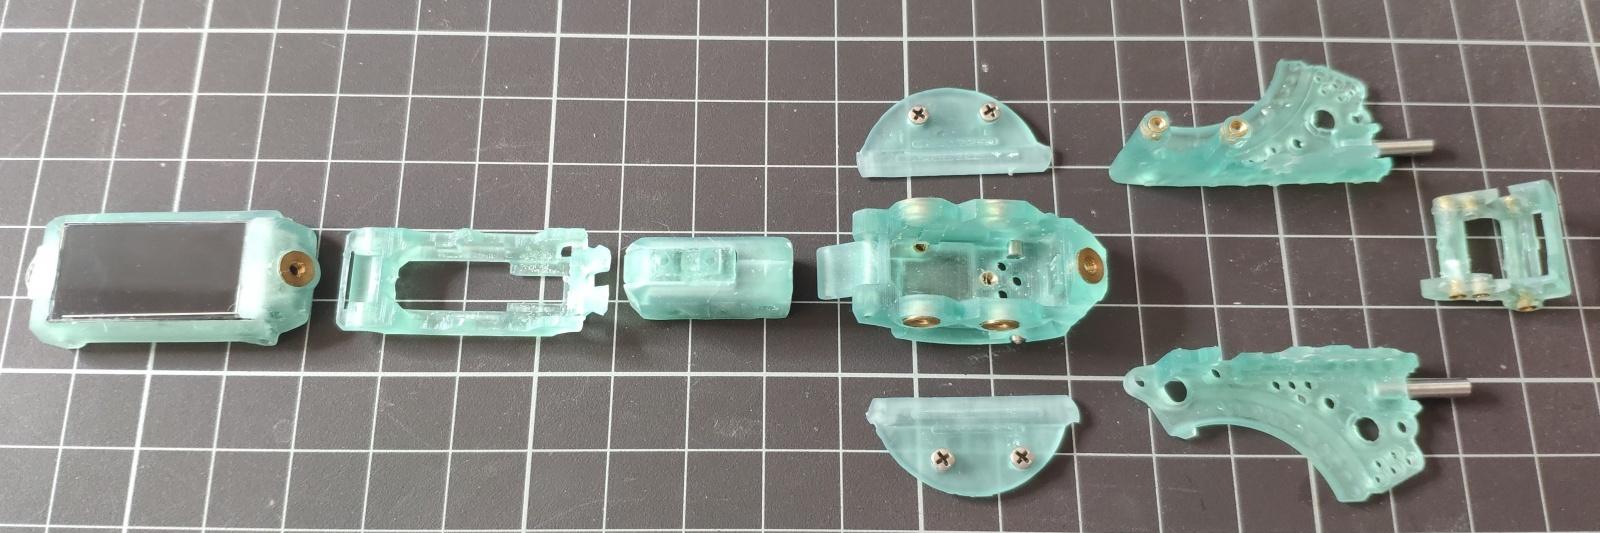 RX-Modulus: полностью модульная компьютерная мышь - 18